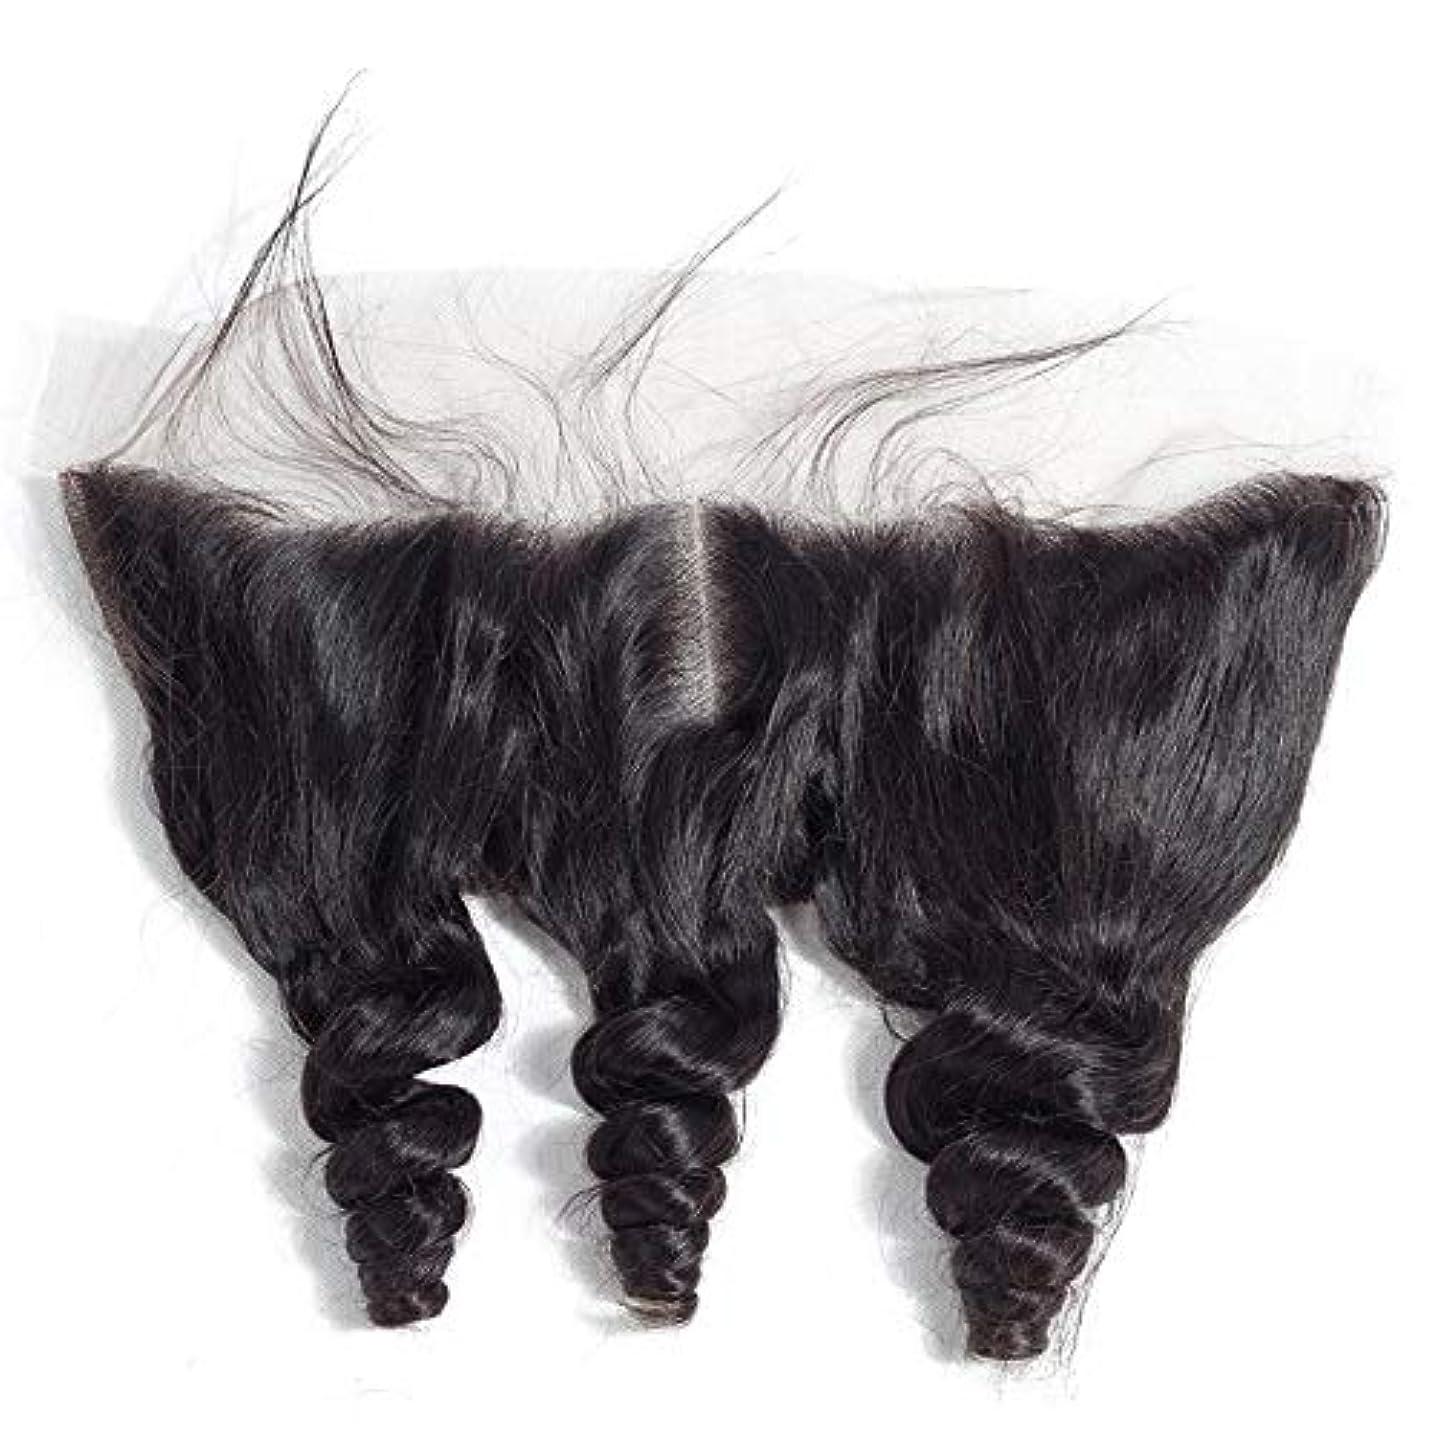 どんよりした極小過去WASAIO ヘアエクステンションクリップ裏地なし髪型ブラジルルーズウェーブ13 * 4レースフロンタル閉鎖横隔膜パート人間 (色 : 黒, サイズ : 8 inch)